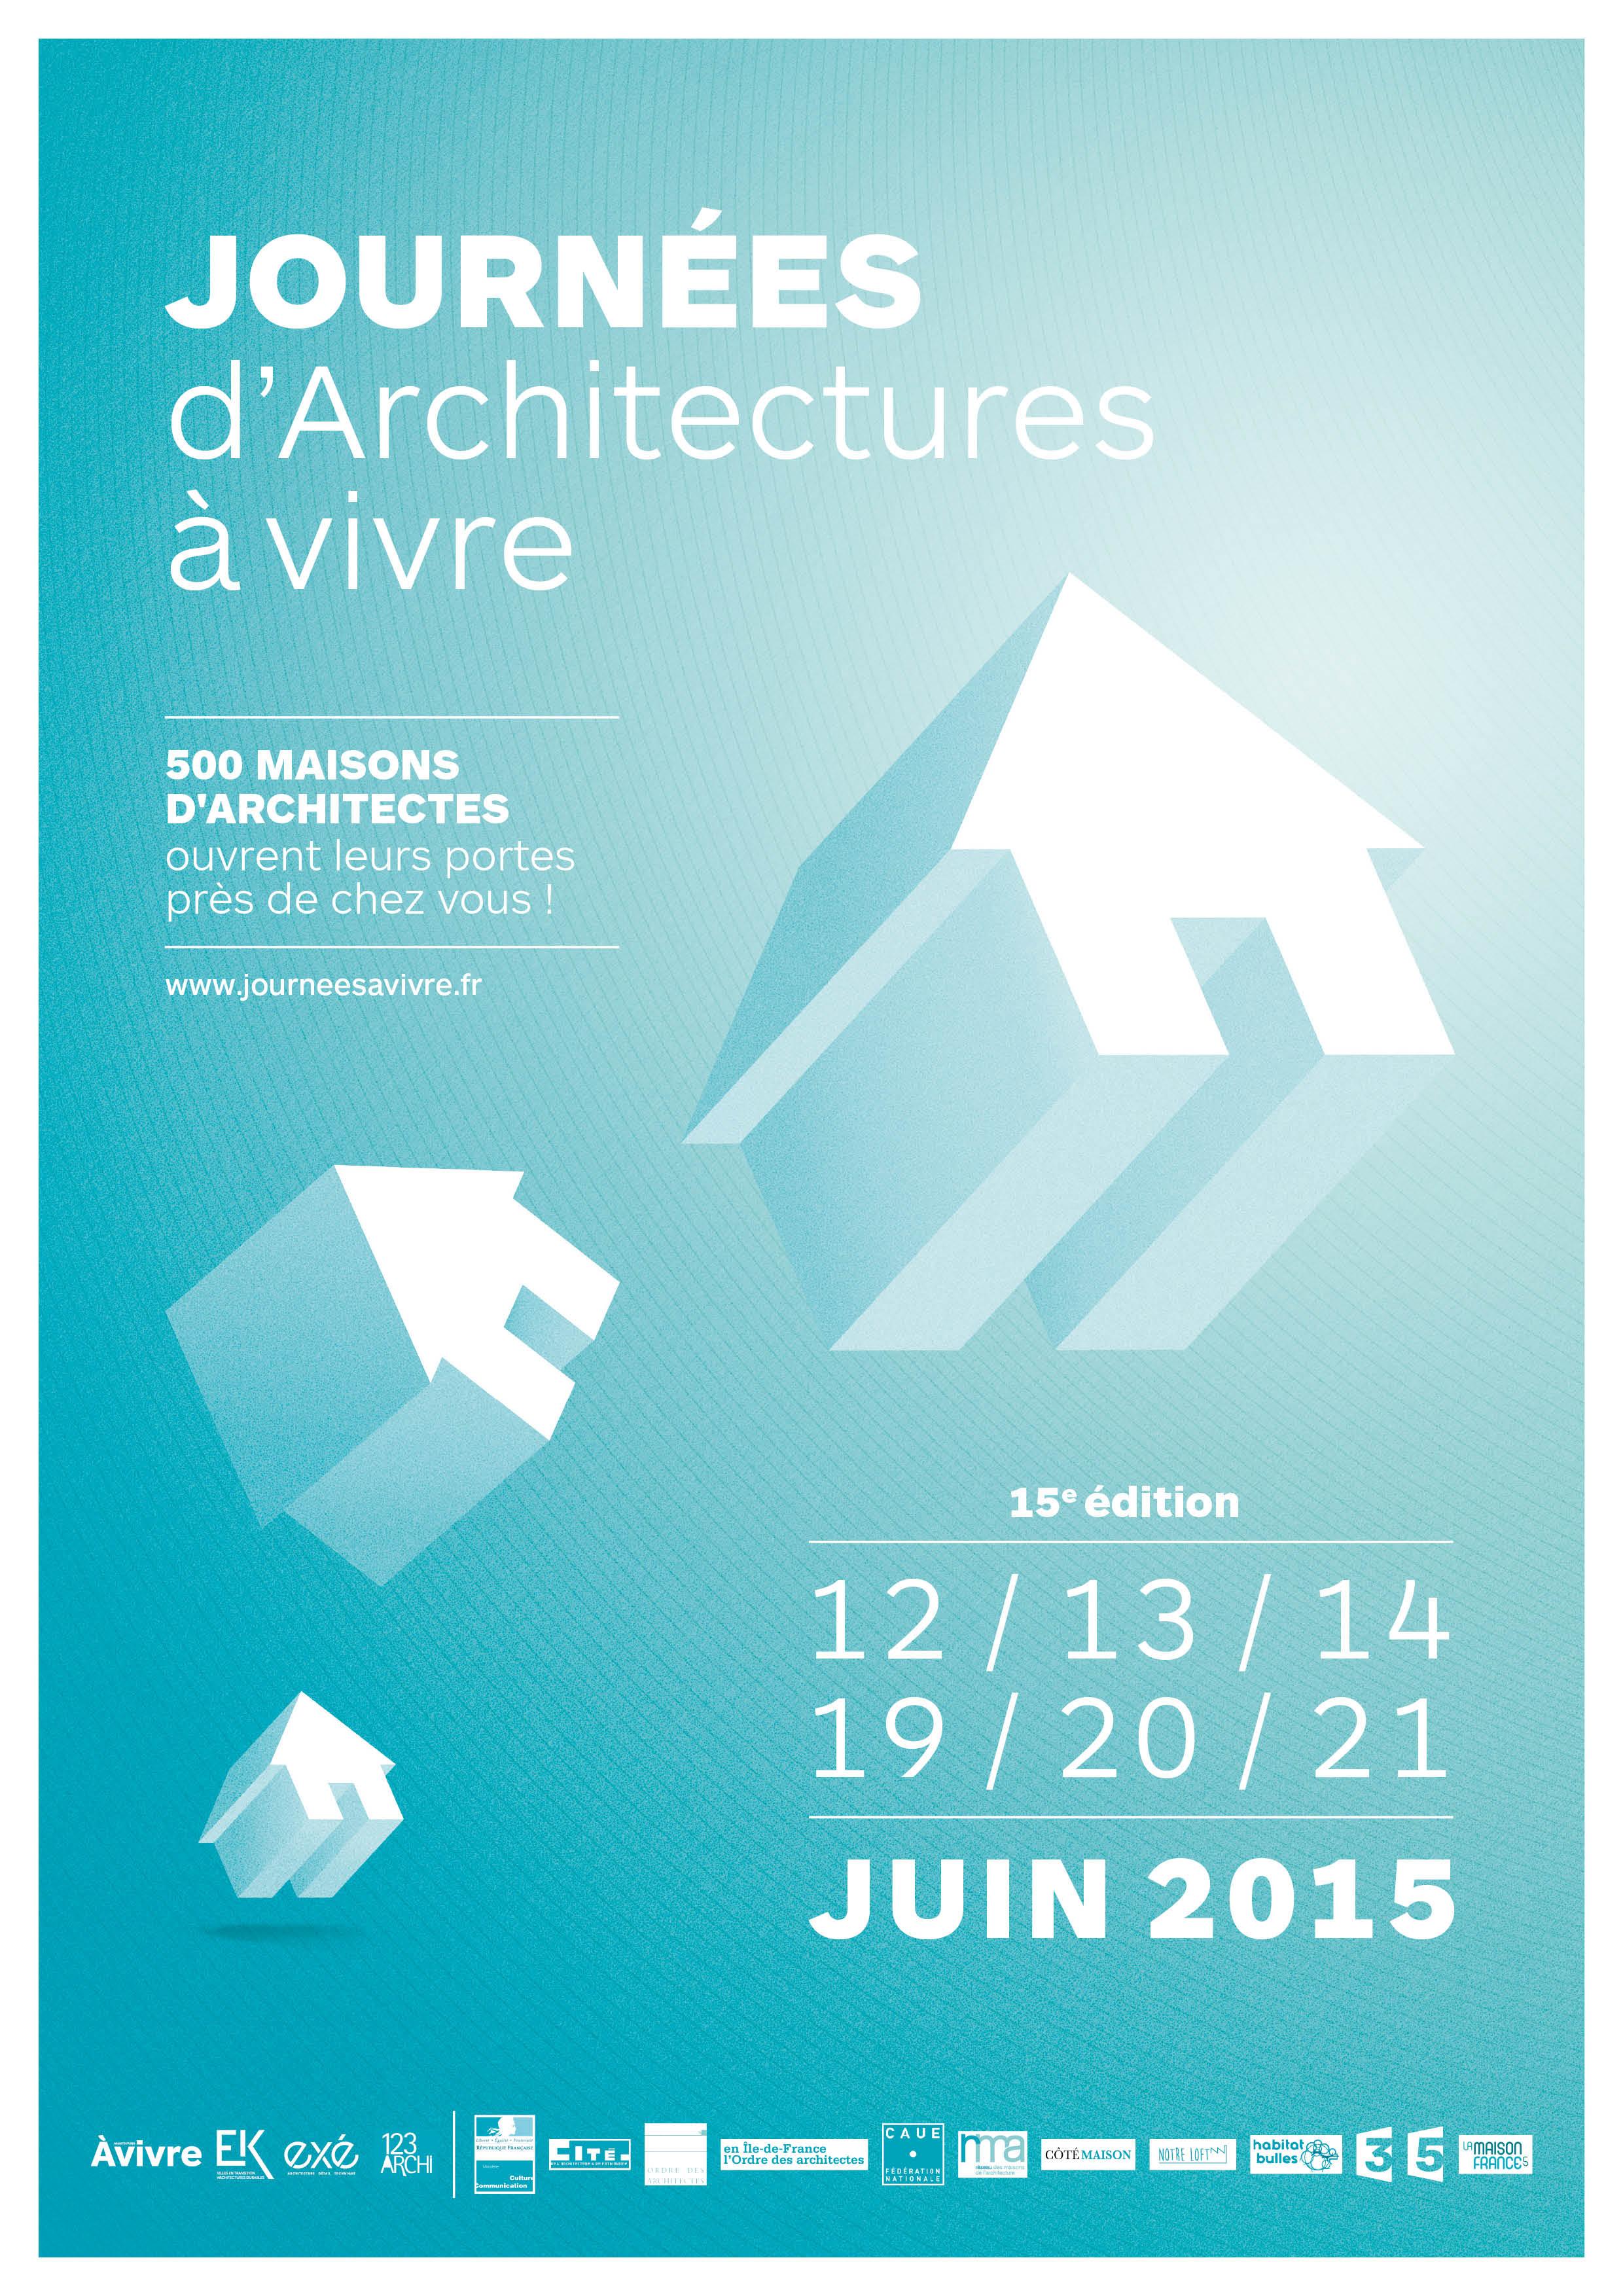 Focus les journ es d 39 architecture vivre synergie d co - Architectures a vivre ...